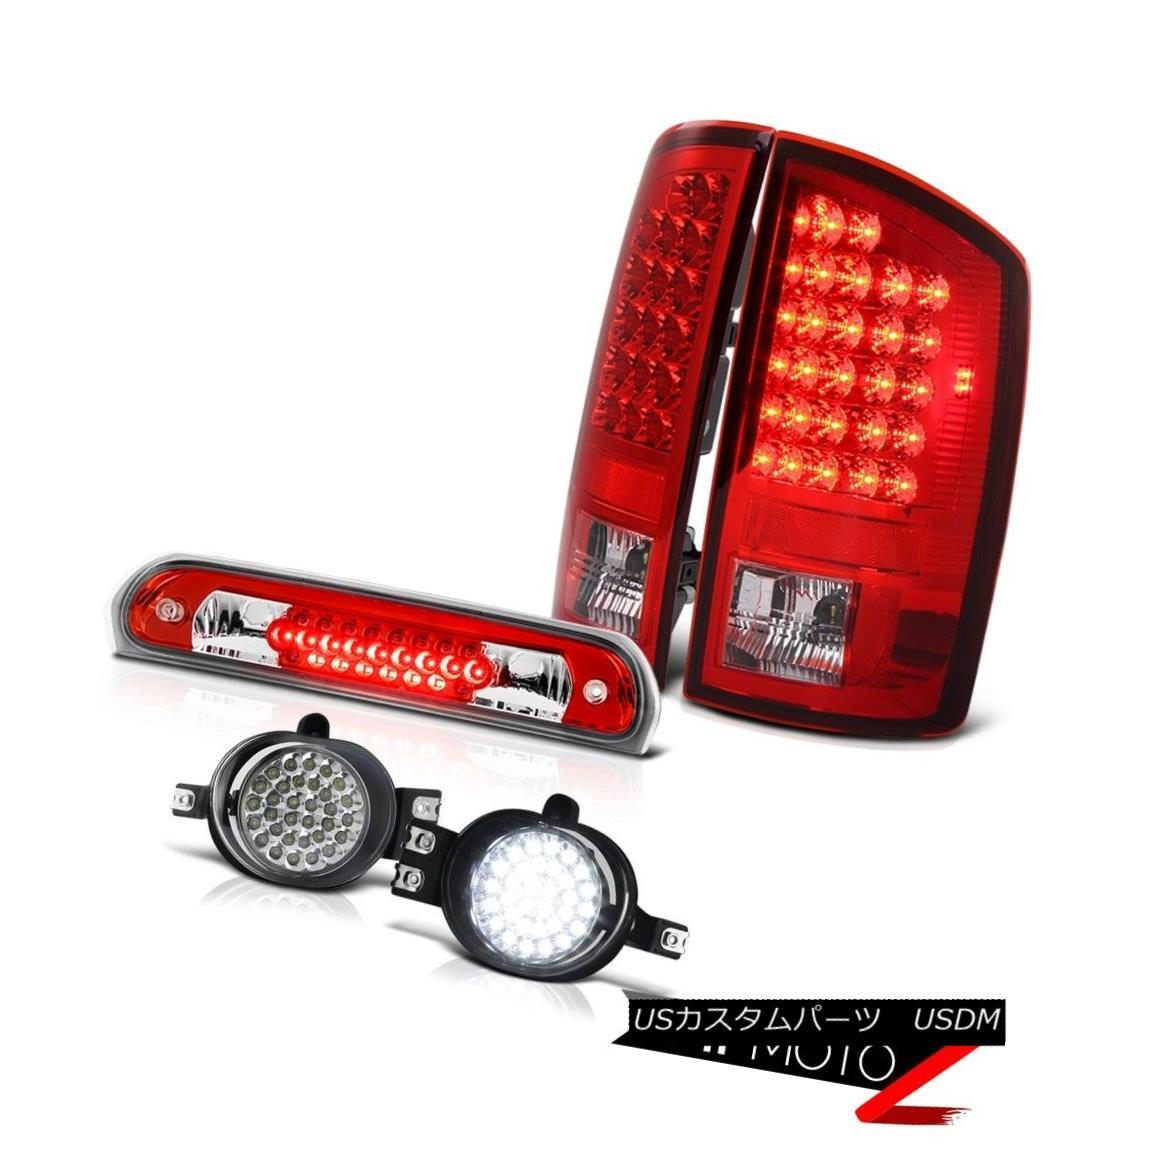 テールライト 2006 Dodge Ram Hemi Rosso Red LED Tail Lights Wiring+LED Foglights Wine Third 2006ダッジラムヘミロッソレッドLEDテールライト配線+ LEDフォグライトワイン第3